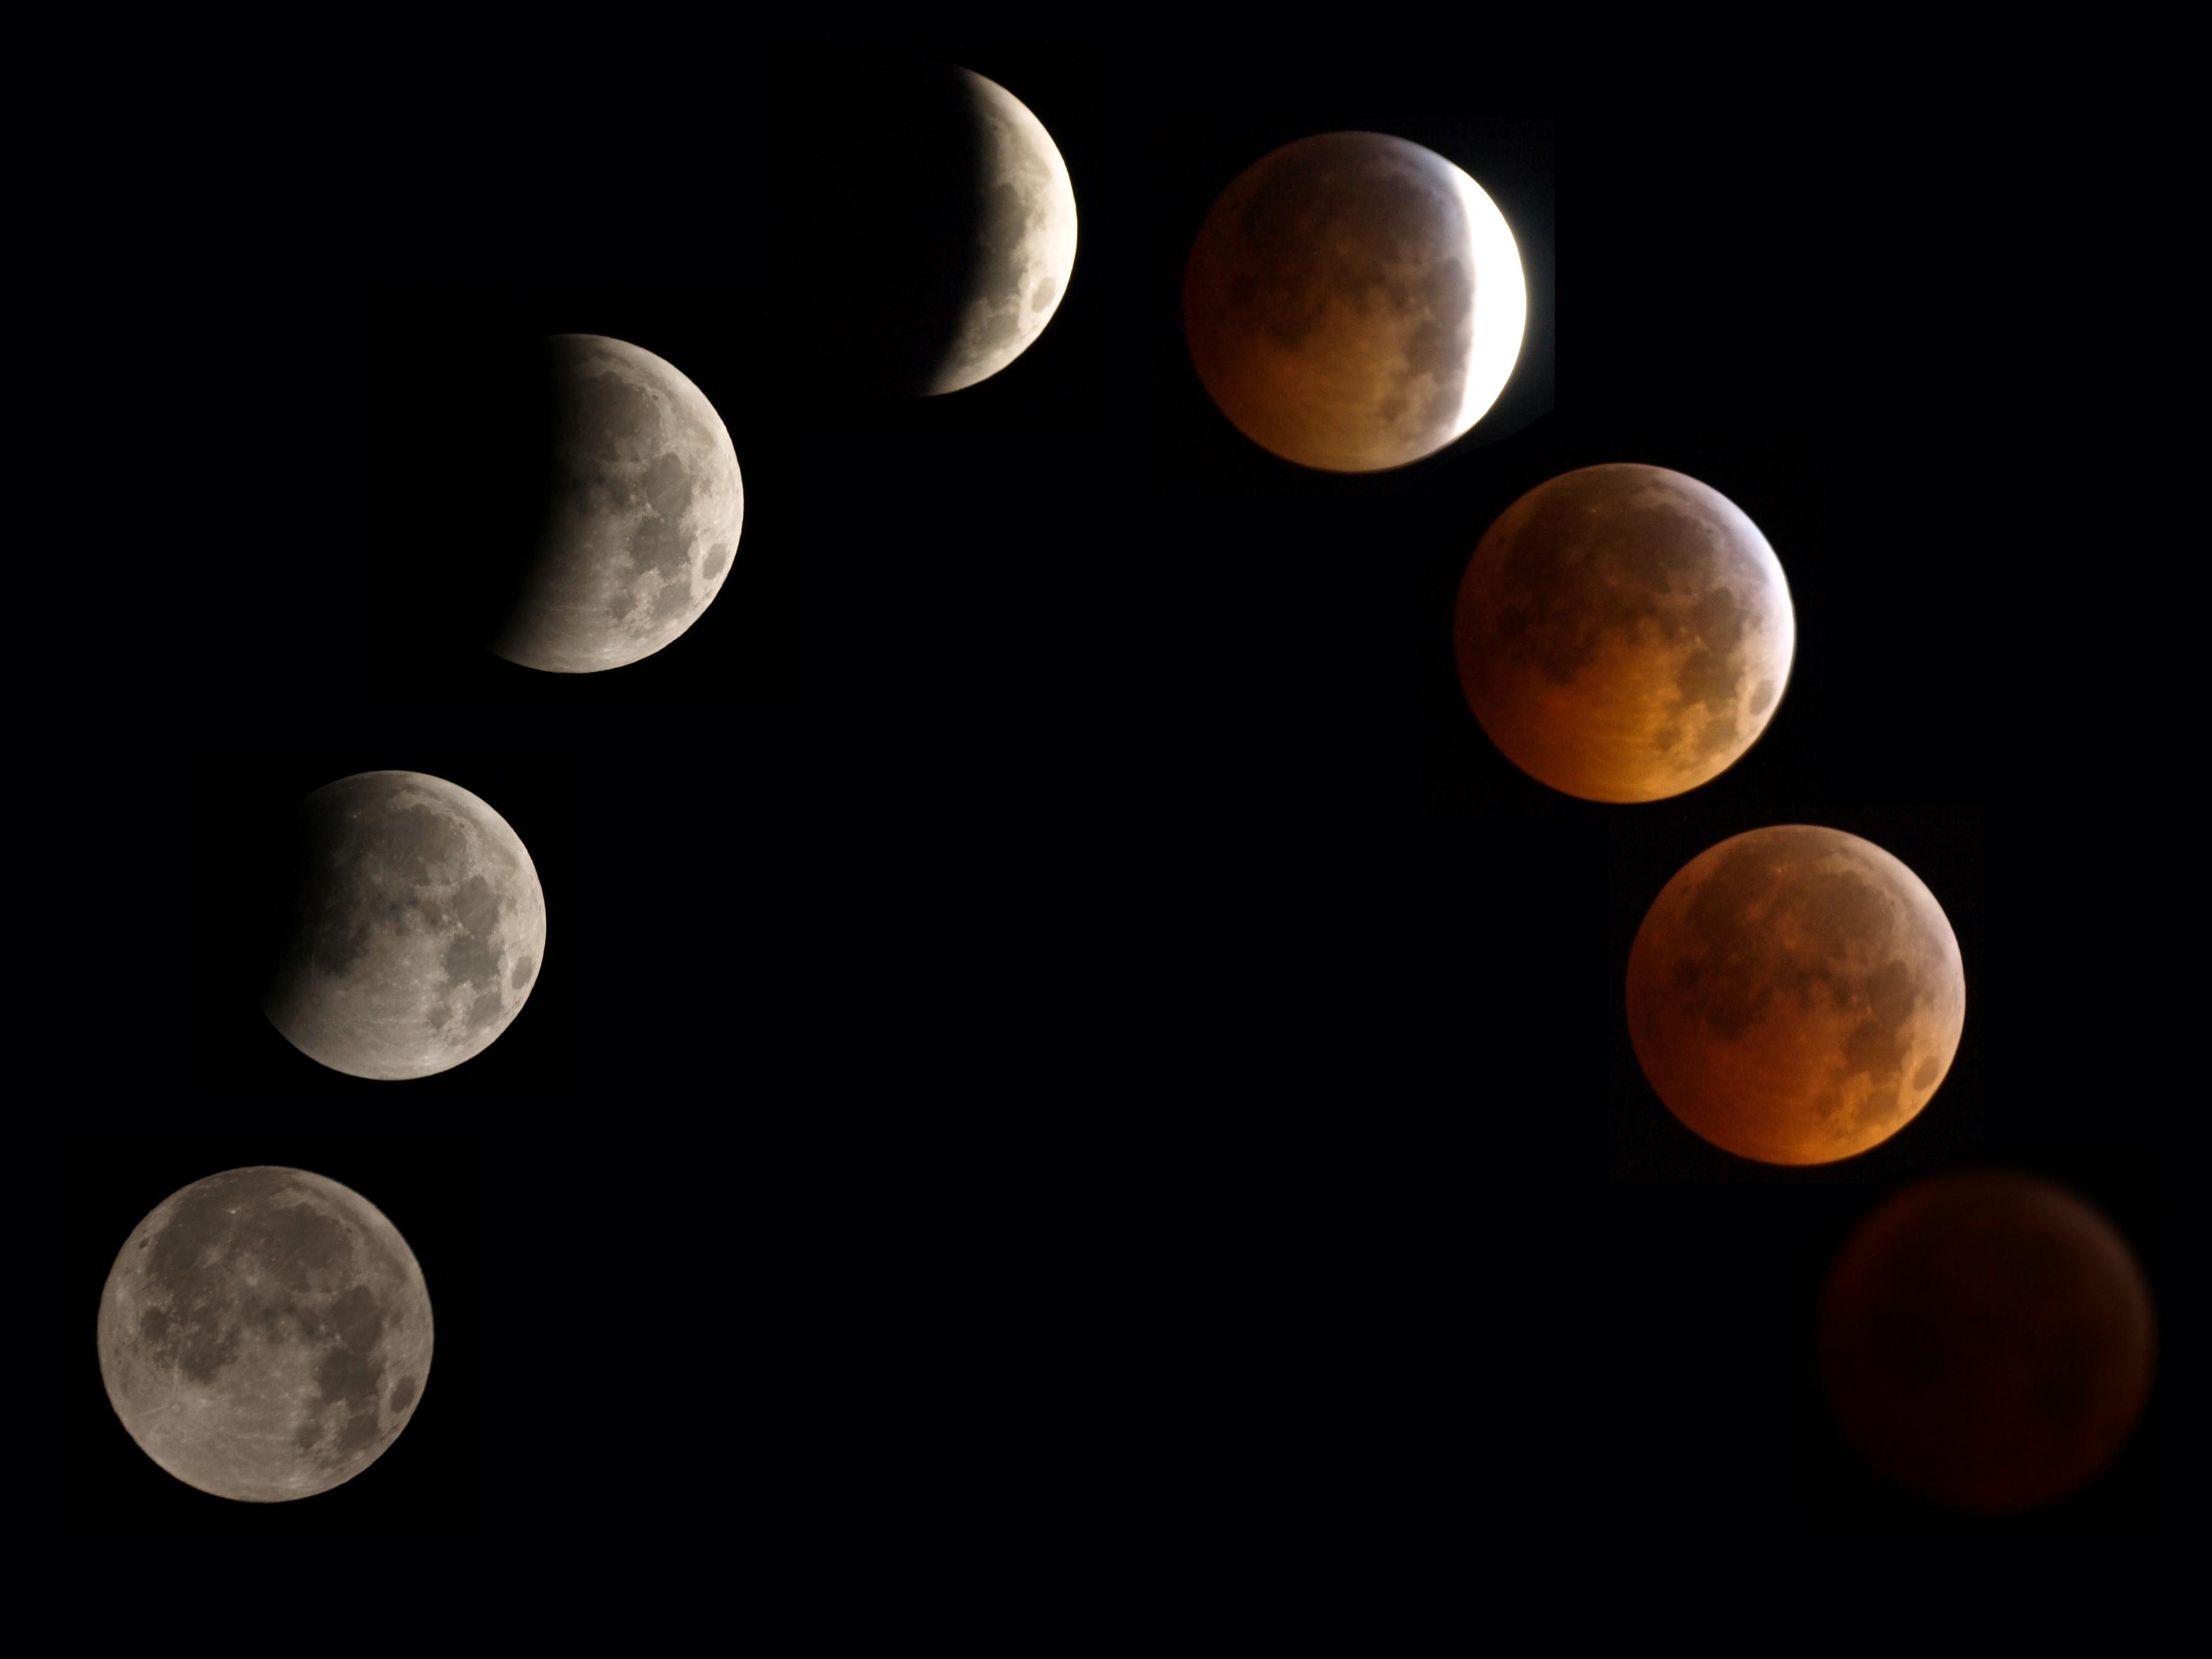 Lunar Eclipse via Wikipedia